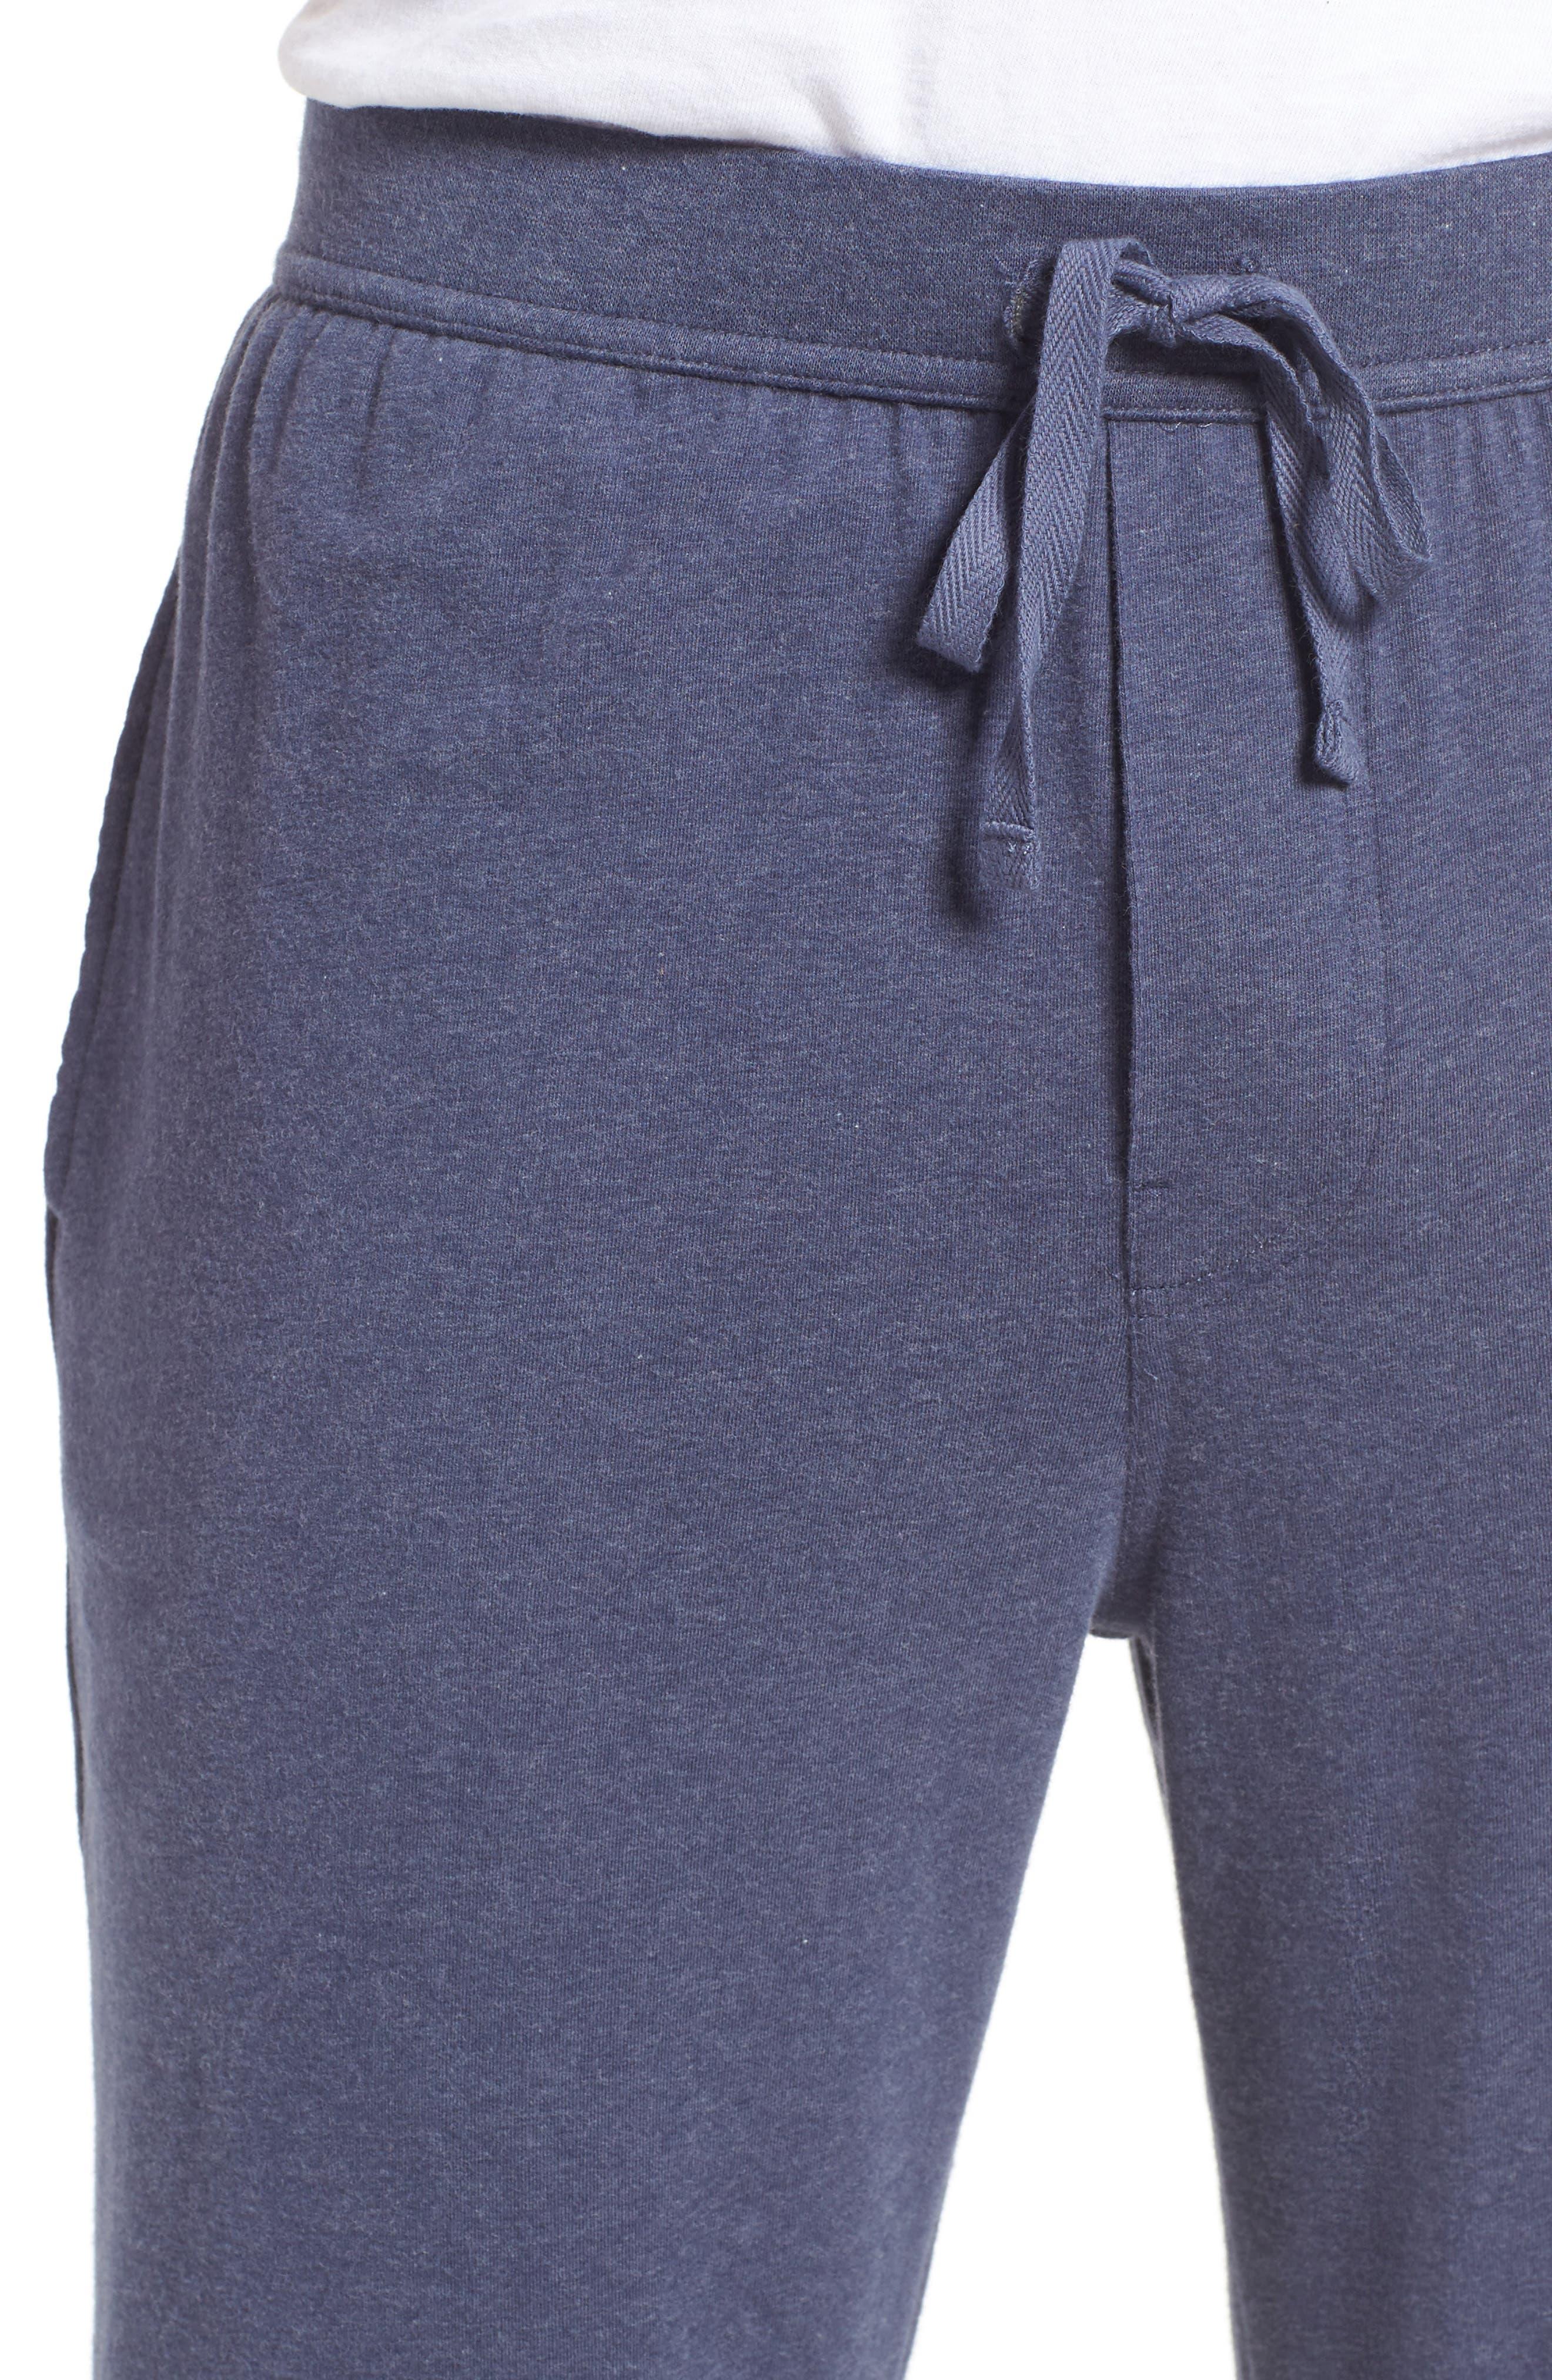 Stretch Cotton Lounge Pants,                             Alternate thumbnail 8, color,